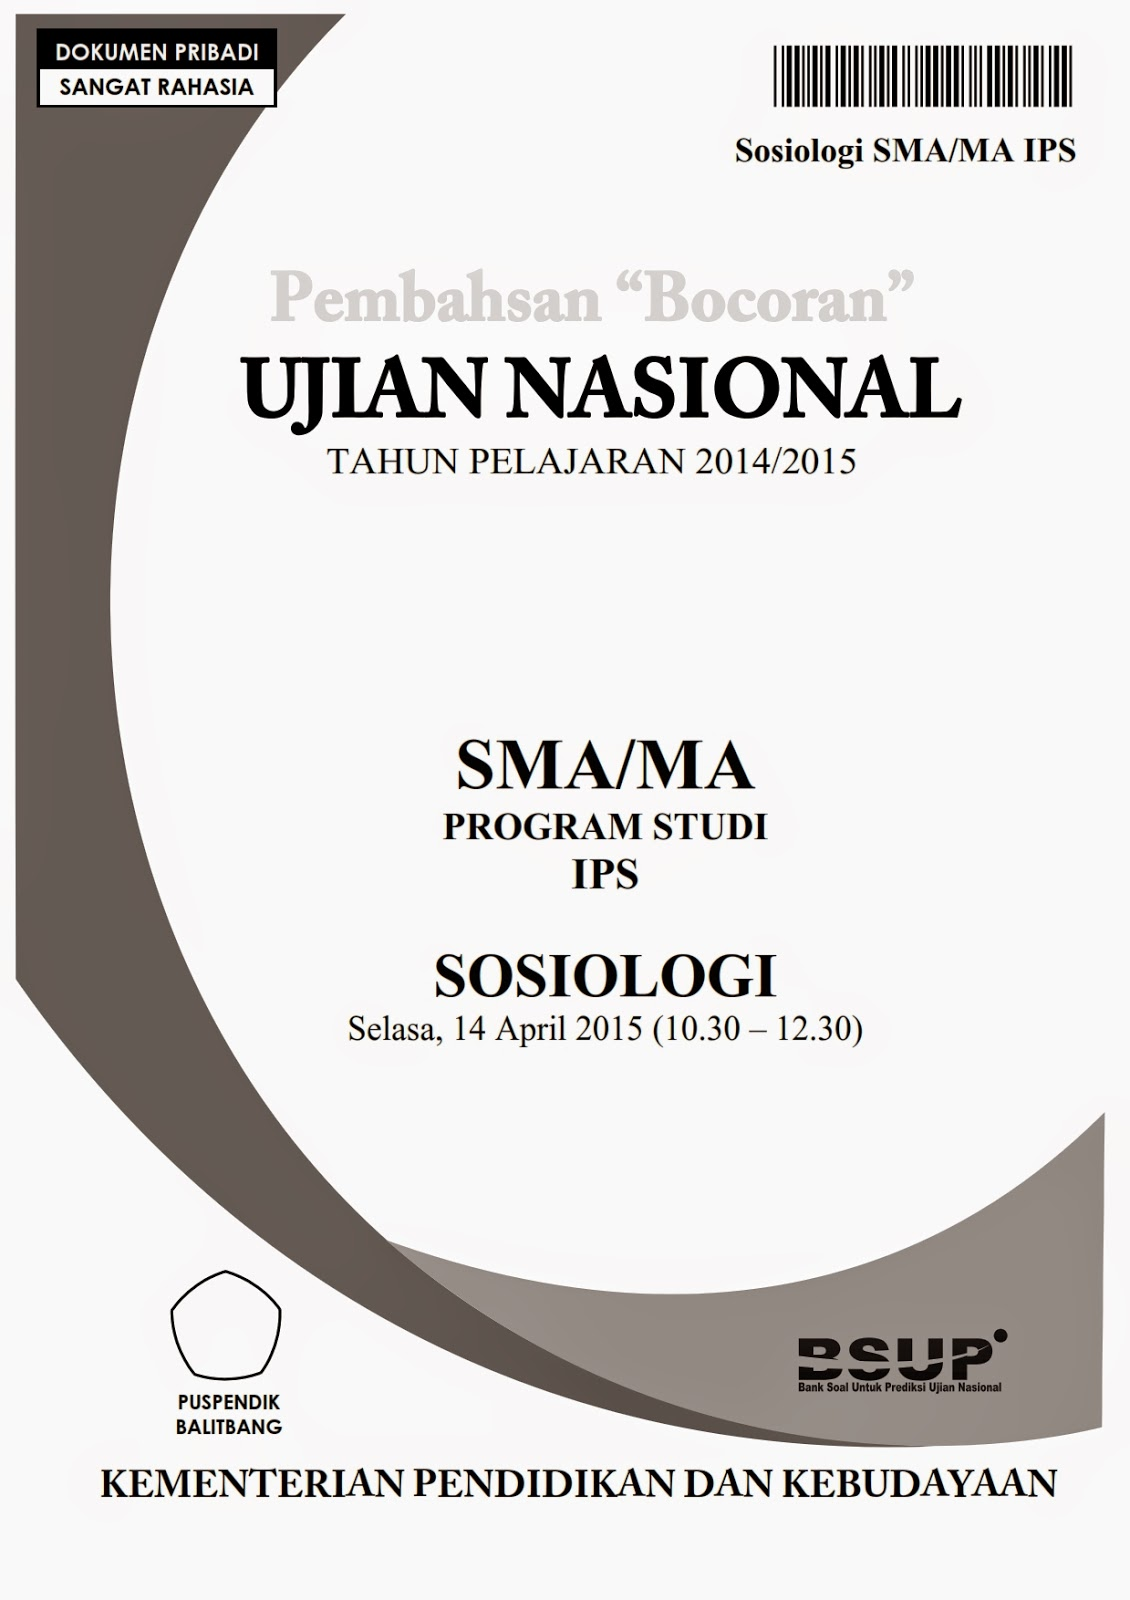 Soal Un Sosiologi : sosiologi, Berbagi, Belajar:, Pembahasan,